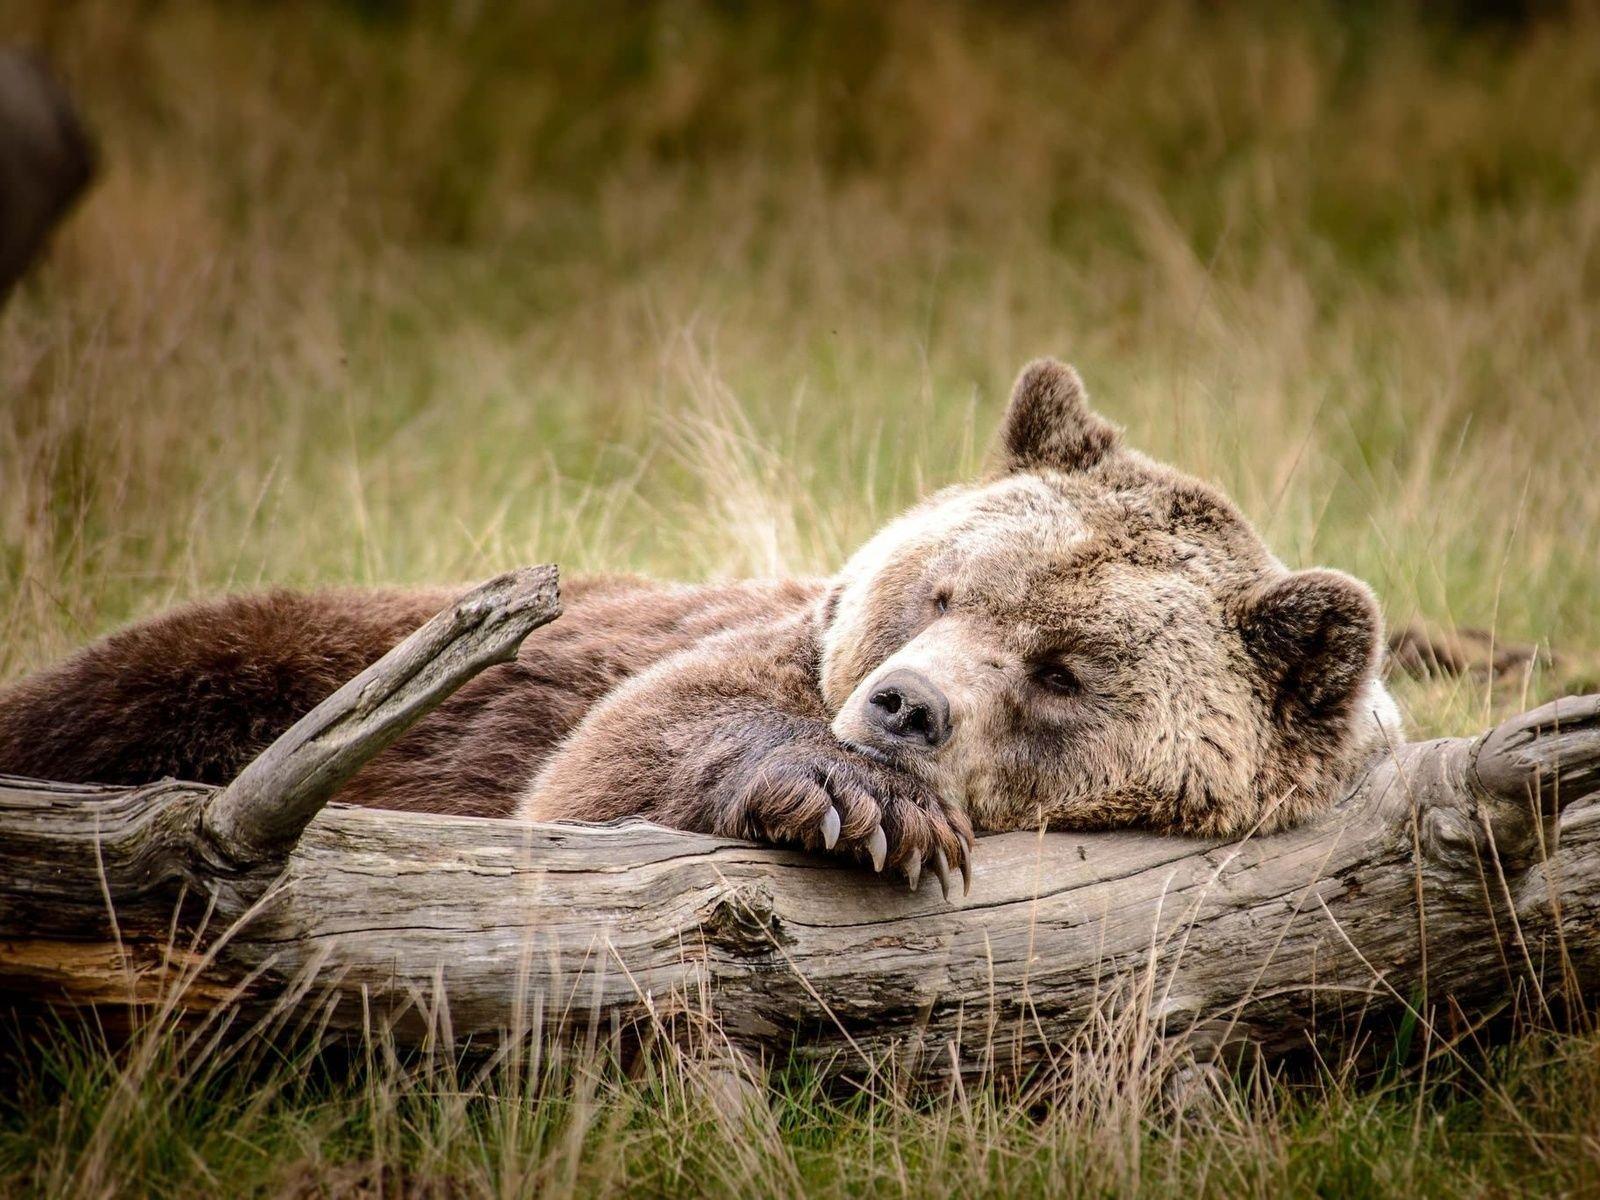 Февраля, красивые картинки с животными и природой прикольные